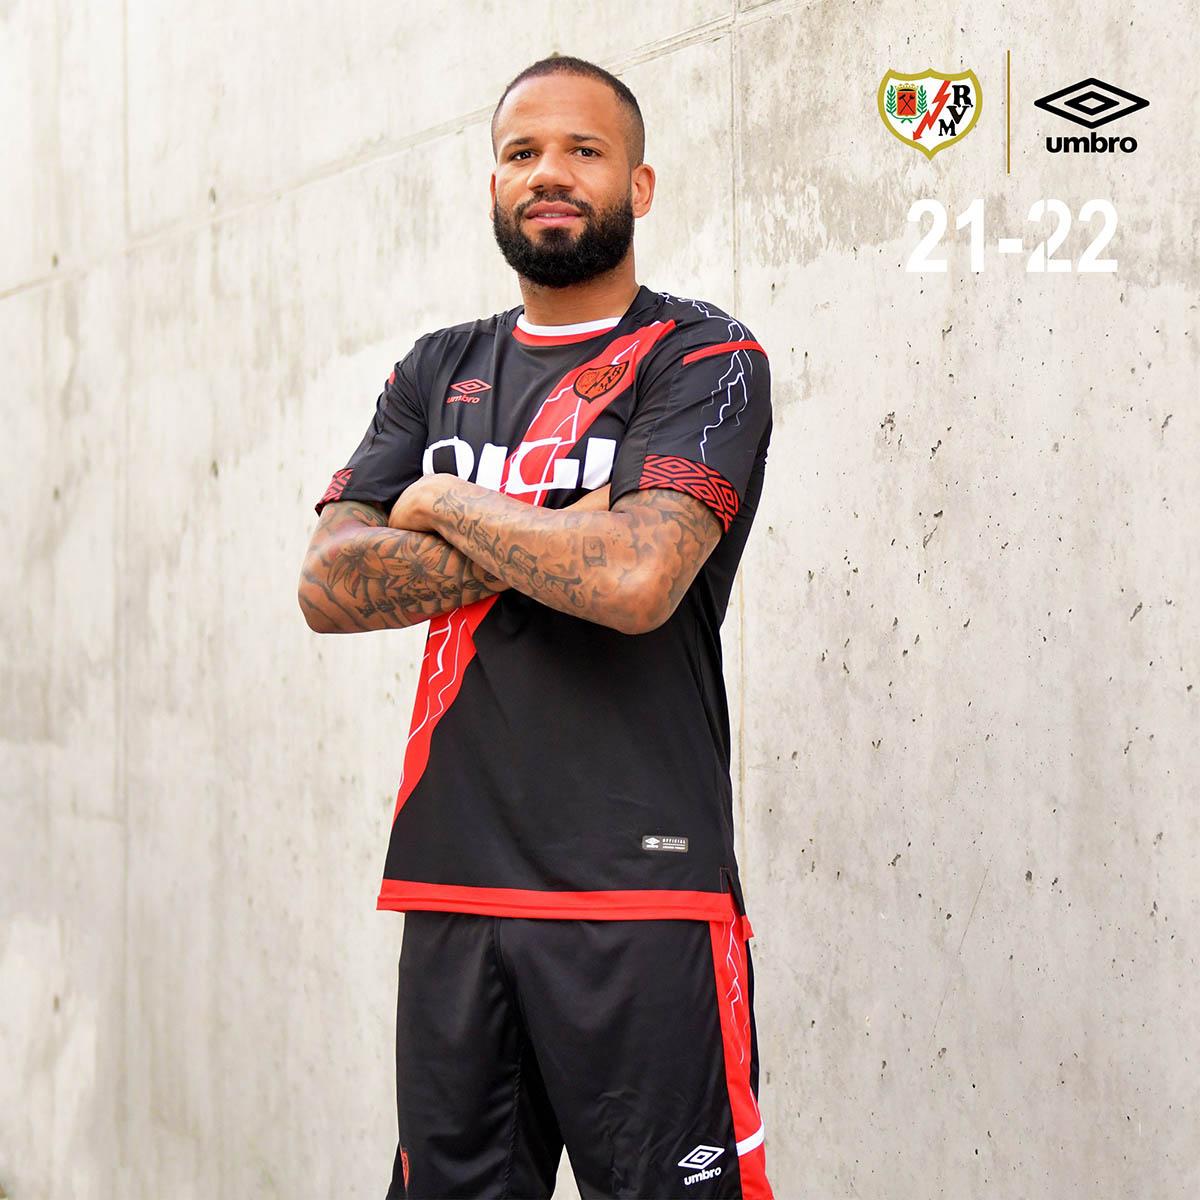 Camisas do Rayo Vallecano 2021-2022 Umbro Reserva